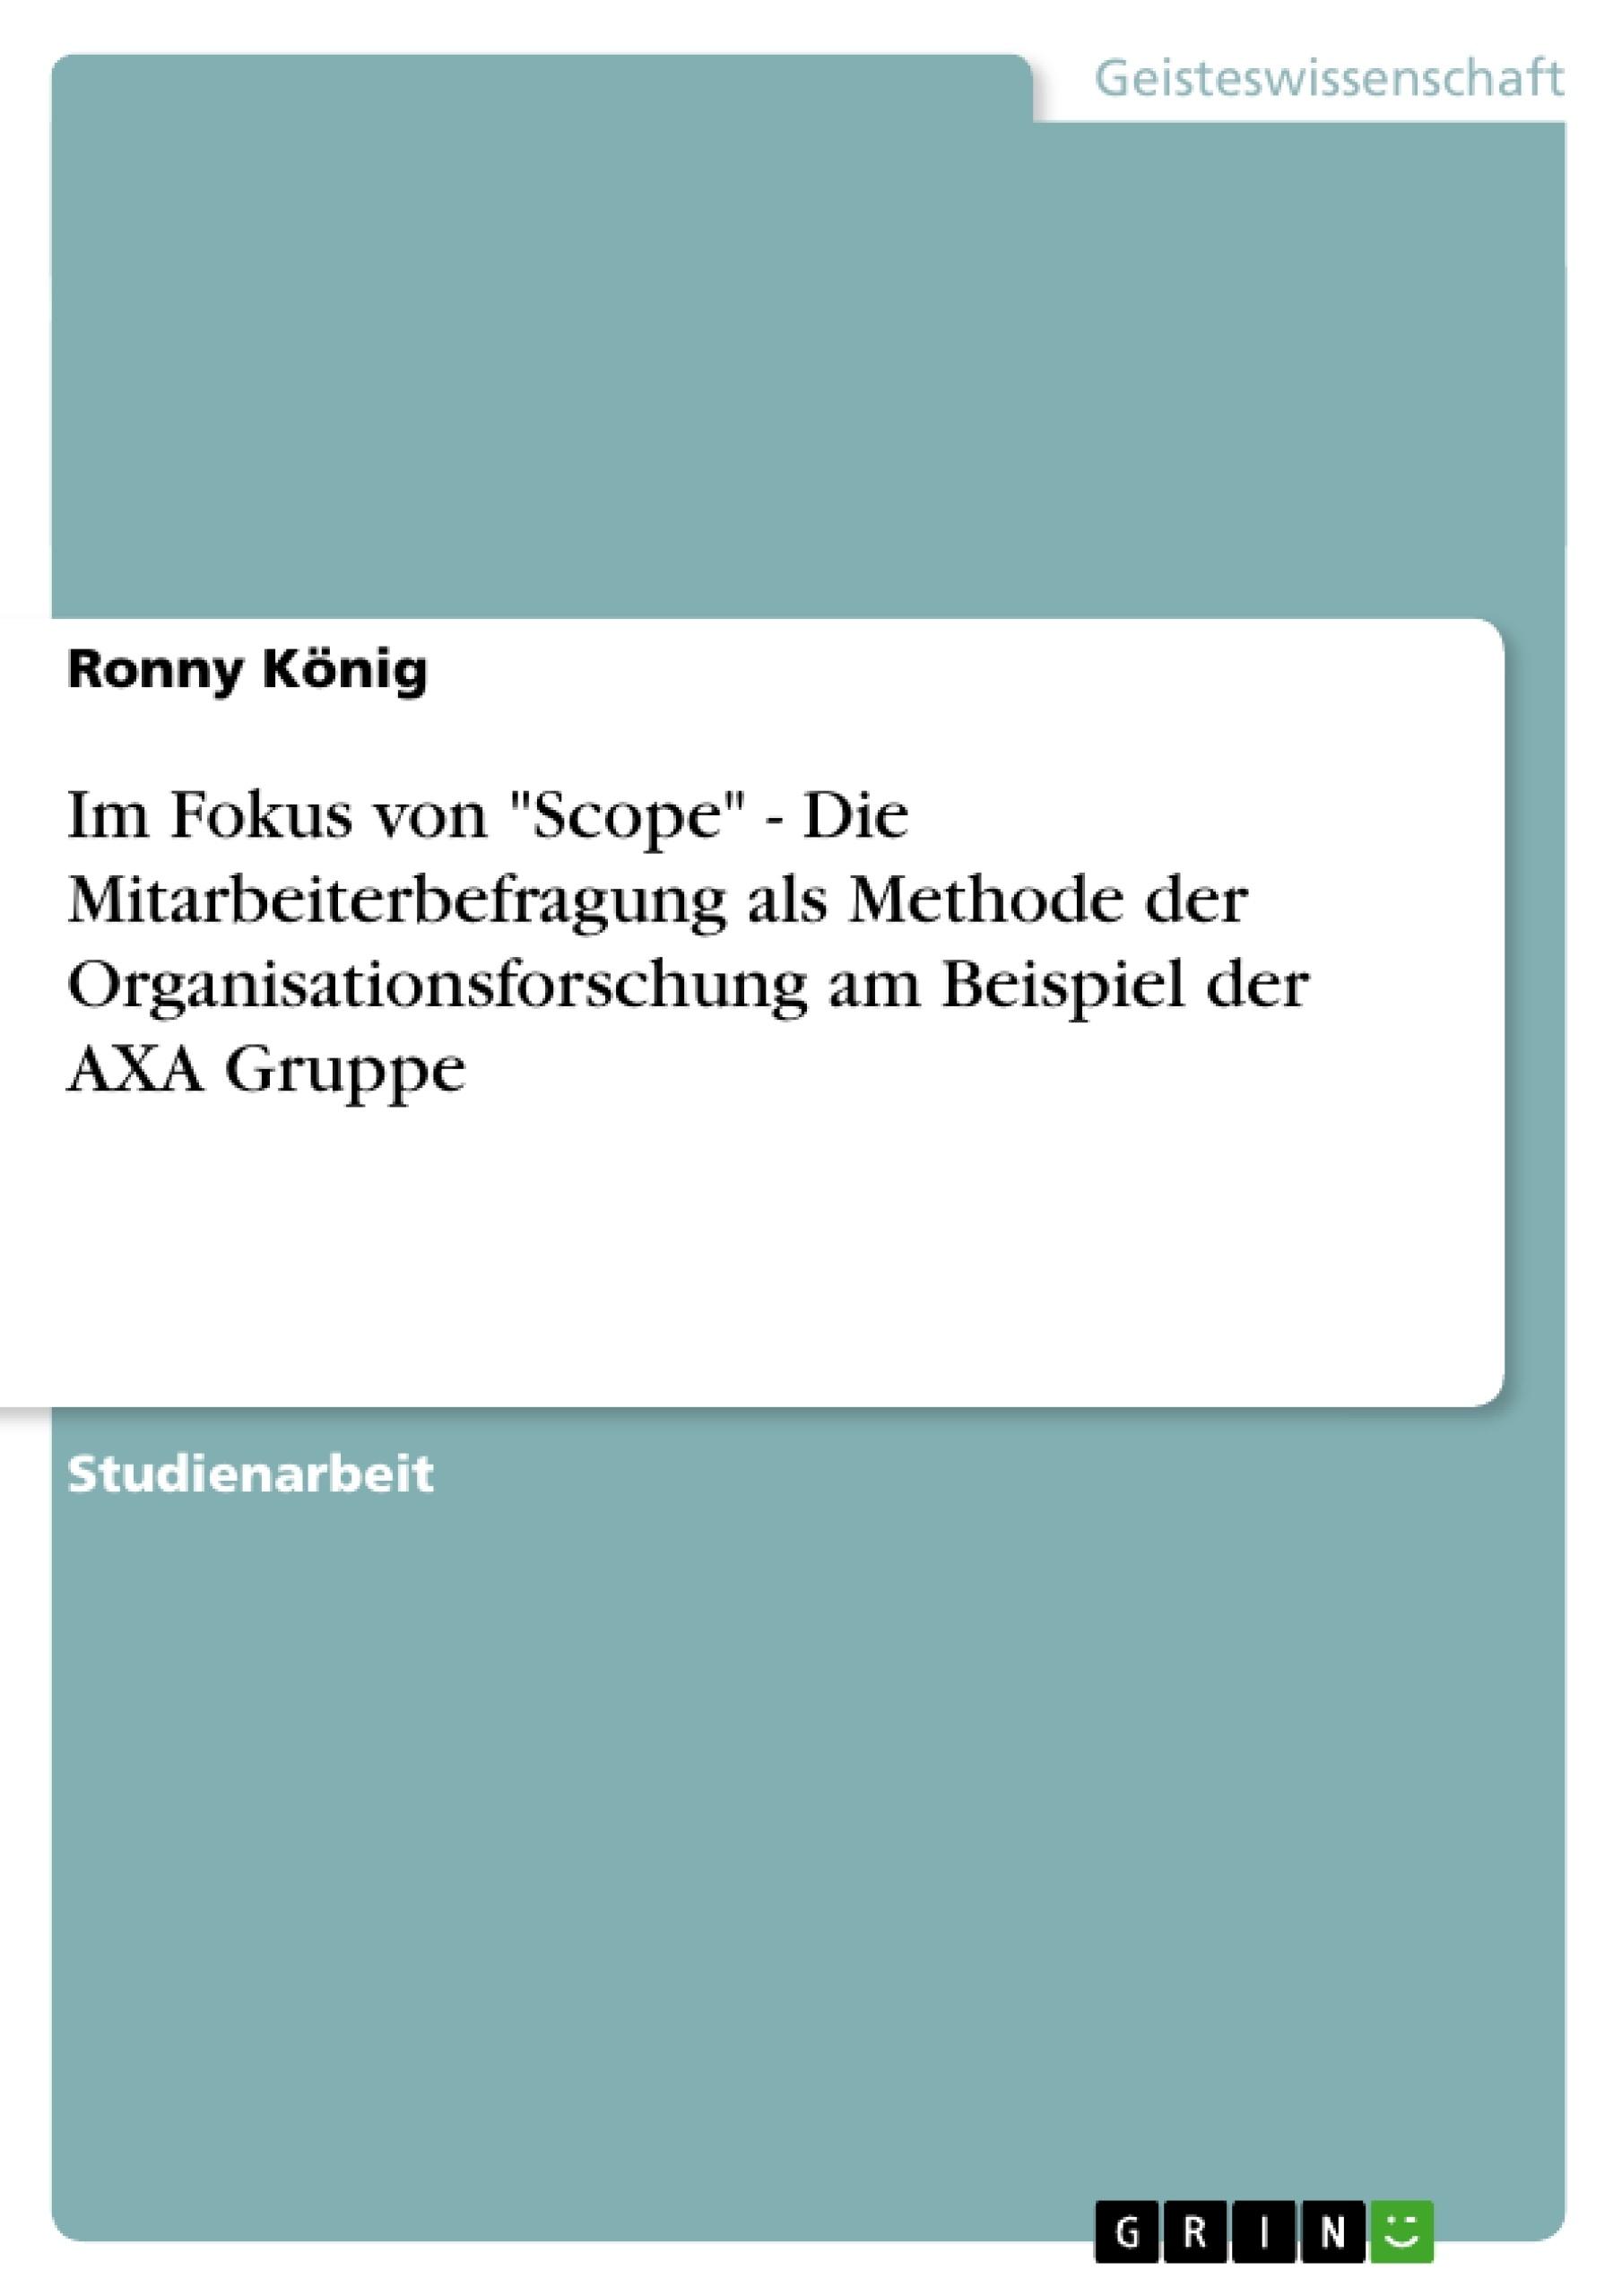 """Titel: Im Fokus von """"Scope"""" - Die Mitarbeiterbefragung als Methode der Organisationsforschung am Beispiel der AXA Gruppe"""